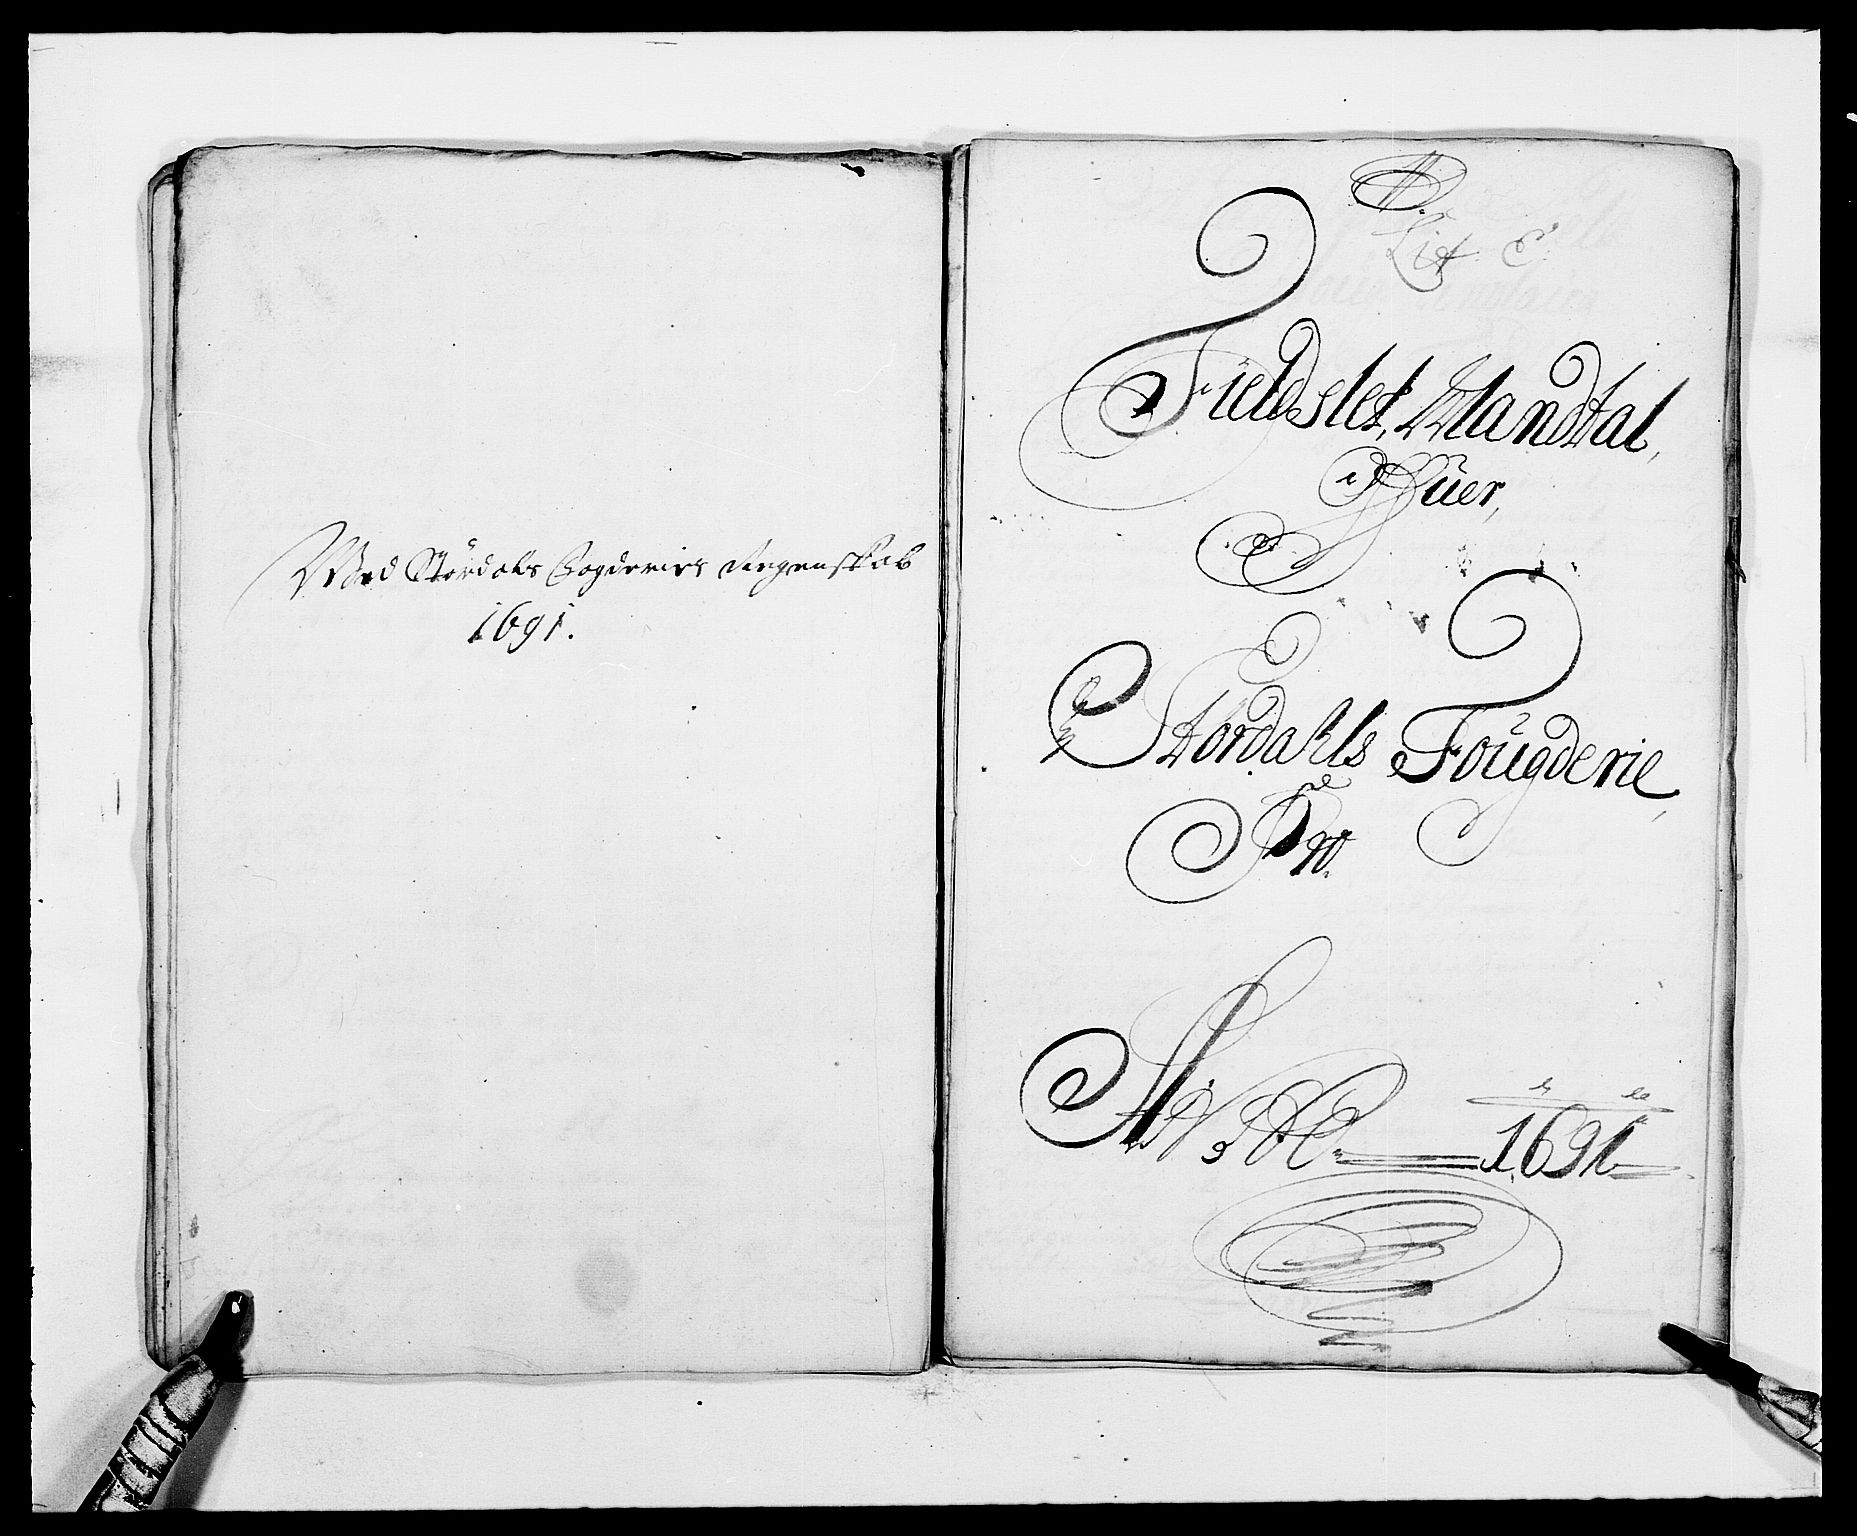 RA, Rentekammeret inntil 1814, Reviderte regnskaper, Fogderegnskap, R62/L4184: Fogderegnskap Stjørdal og Verdal, 1690-1691, s. 318